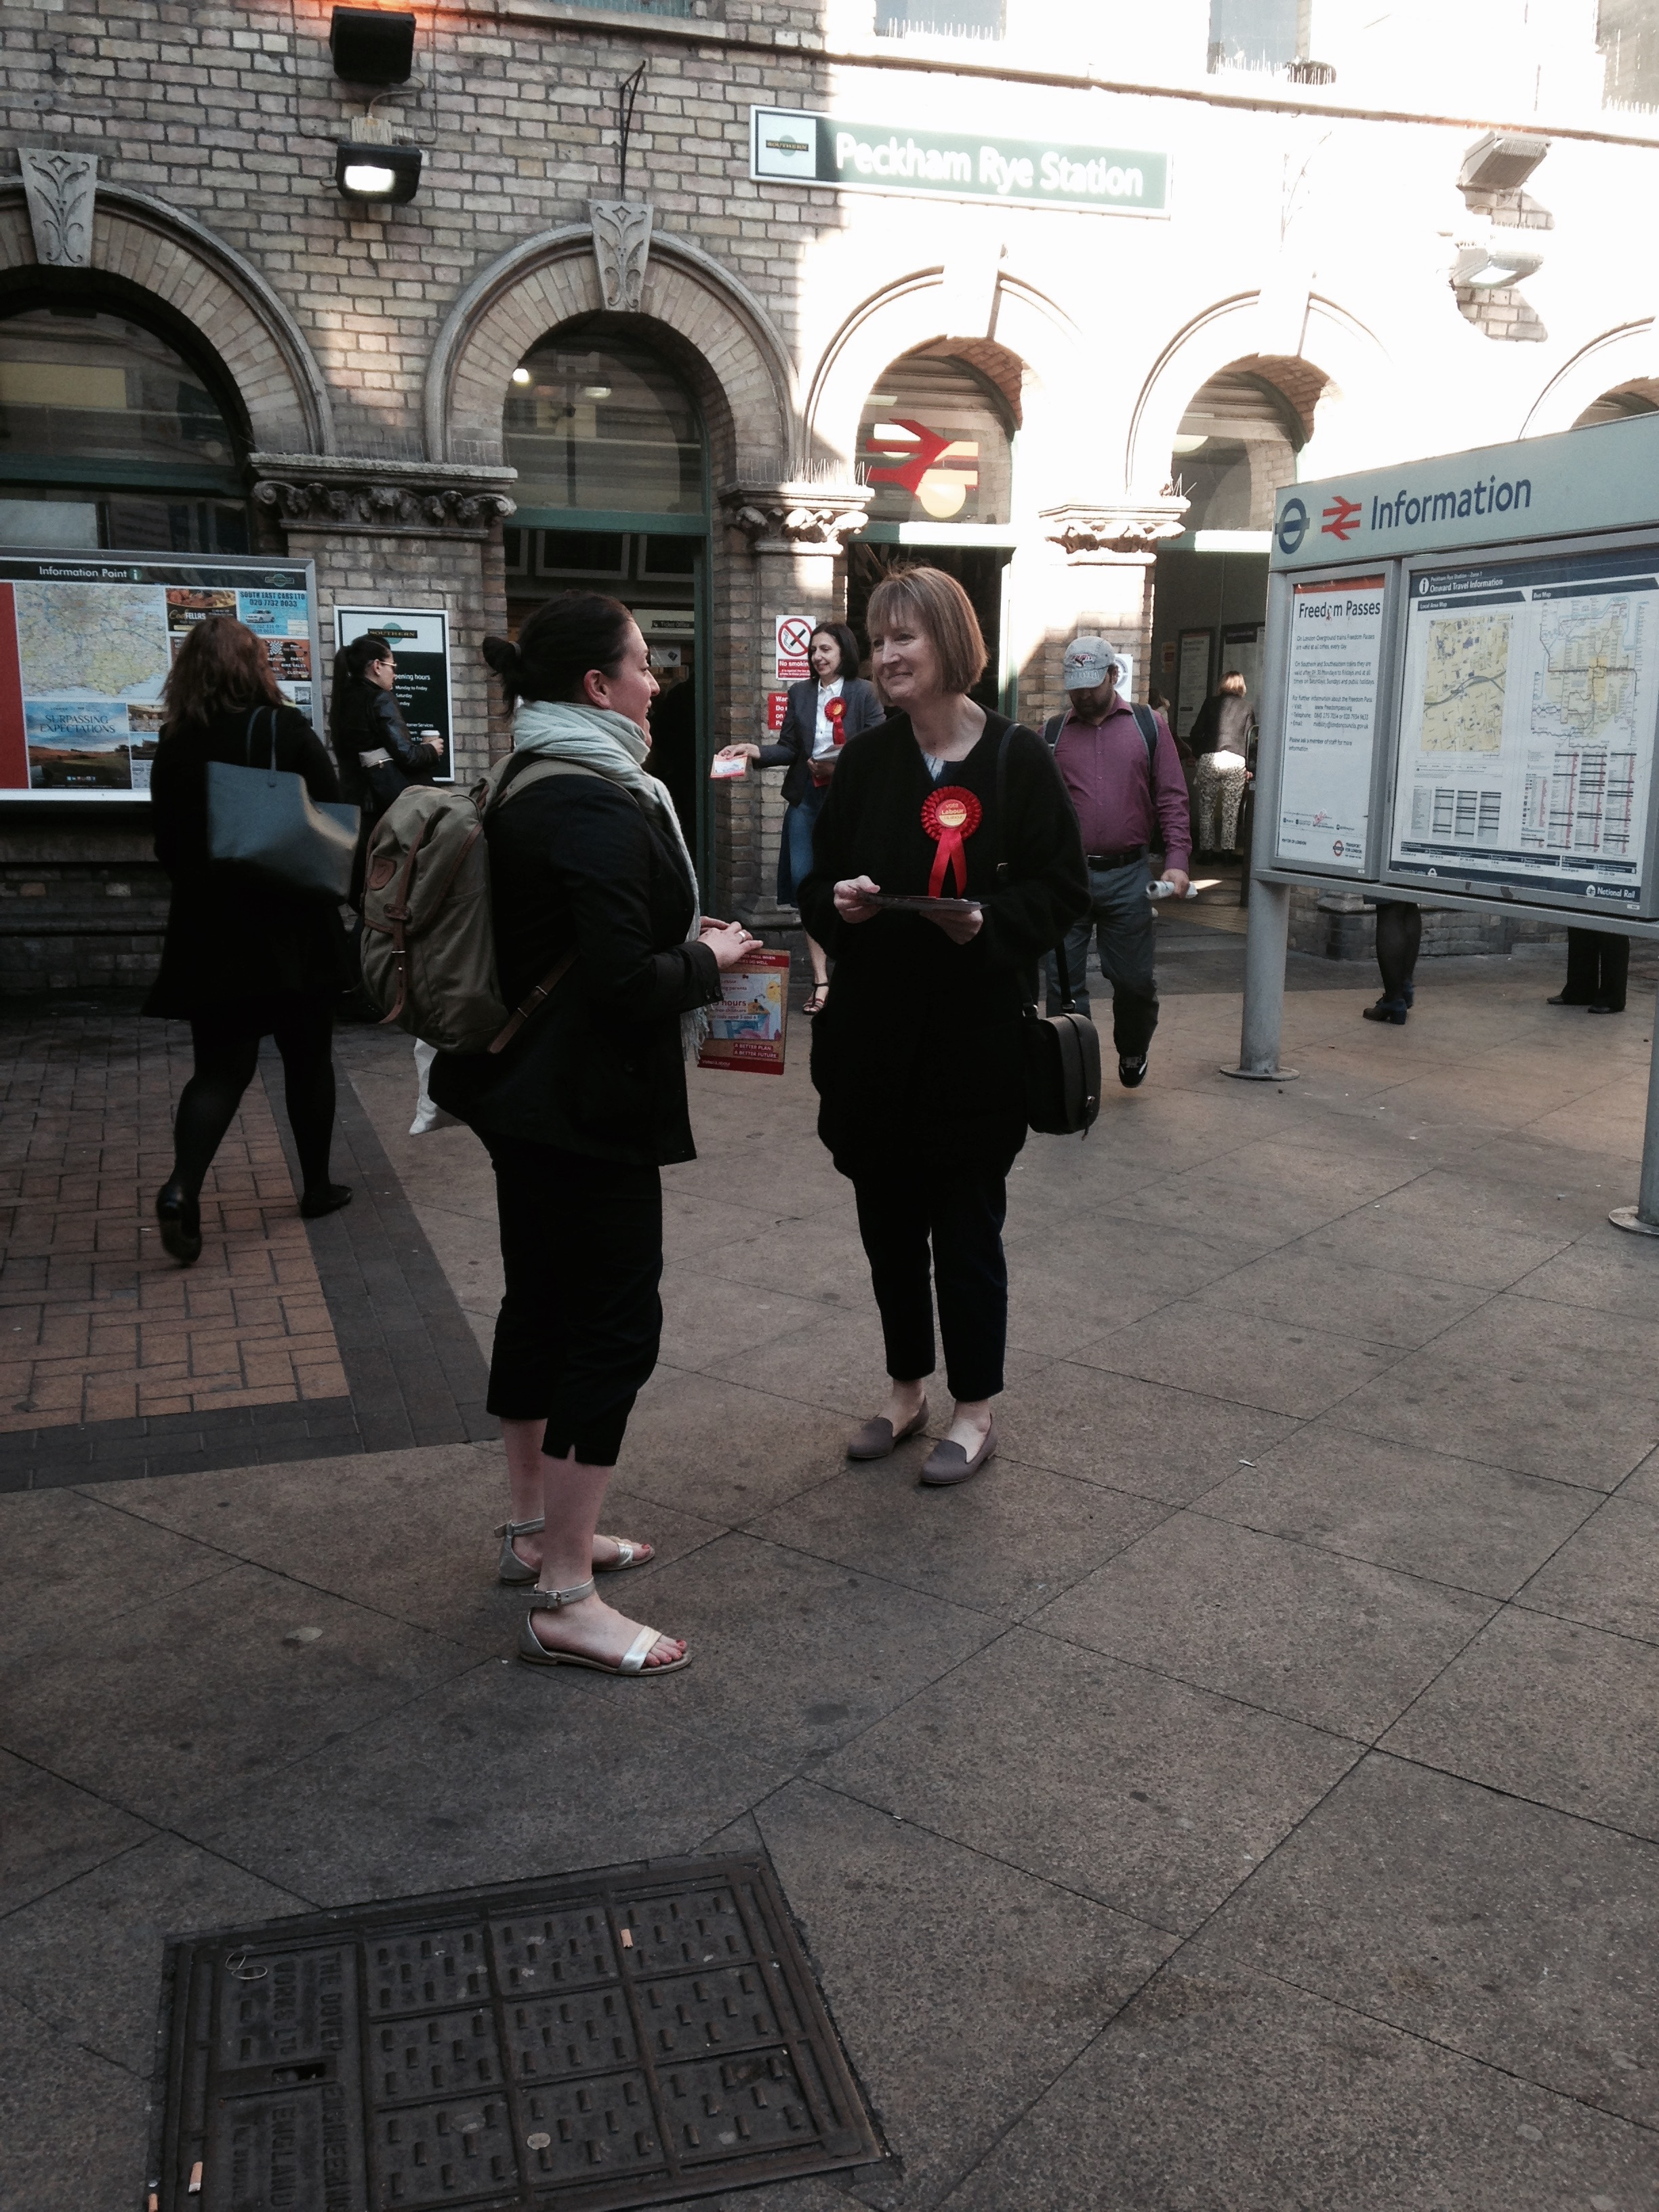 Rye_Lane_station2_22.4.15.jpg